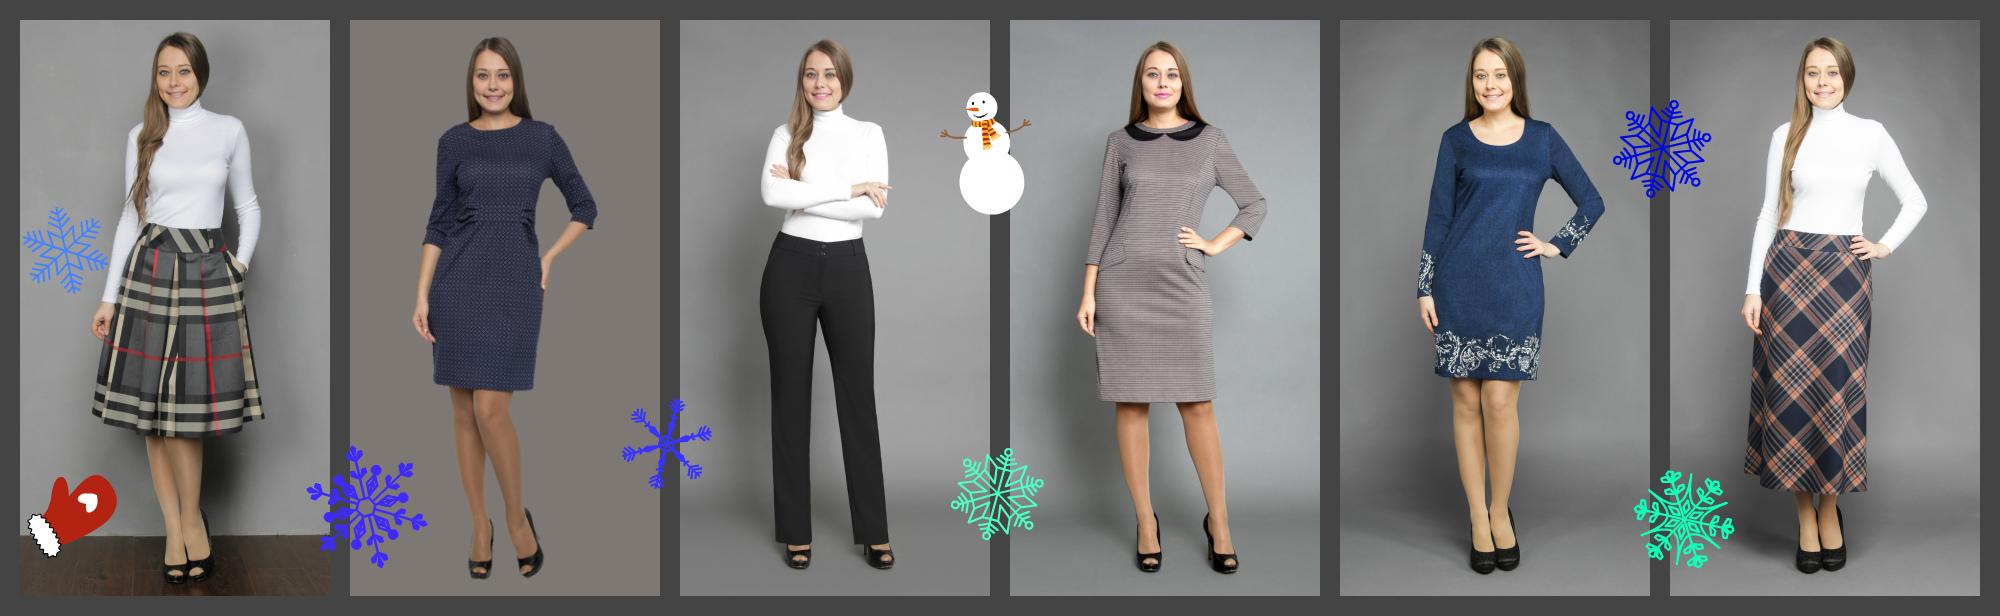 Сбор заказов. ТРИкА - Новая распродажа брюк от 200 р, юбок 300р, большой выбор платьев, брюк от самого лучшего производителя - январь. Огромный выбор юбок. Широкий размерный ряд.